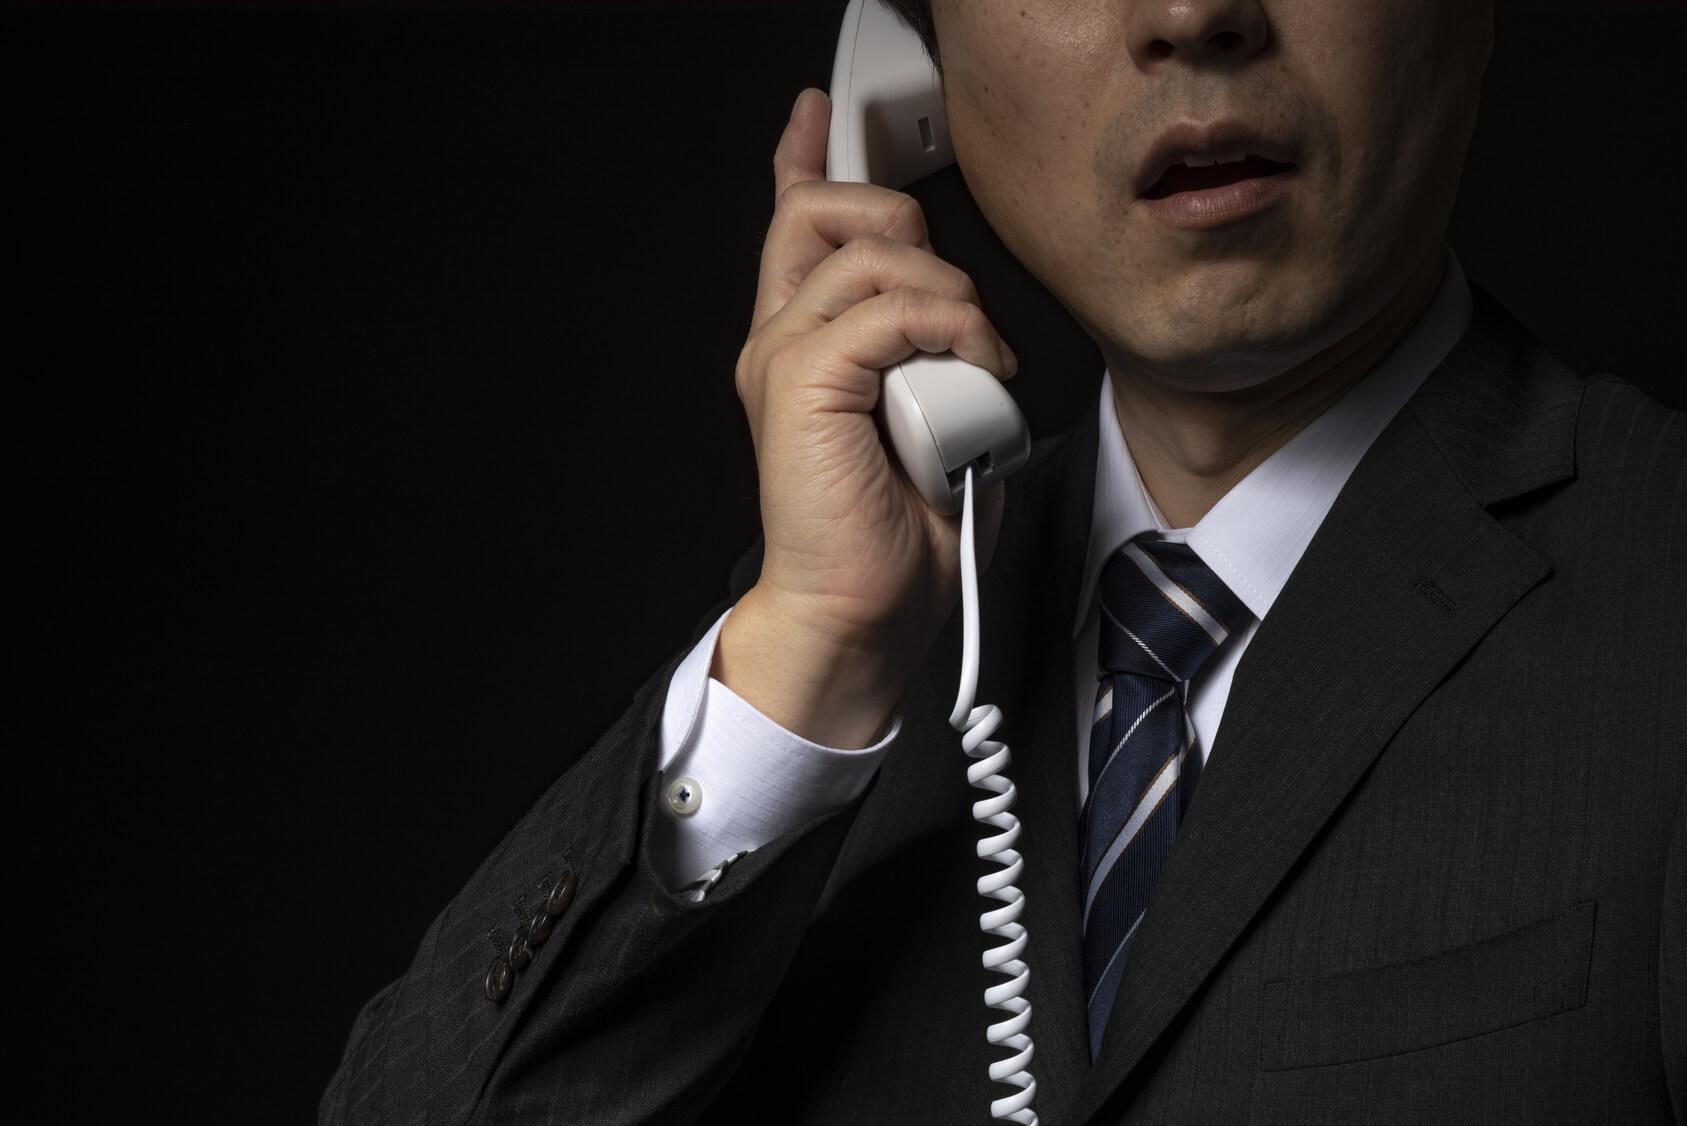 電話で話をするスーツの男性